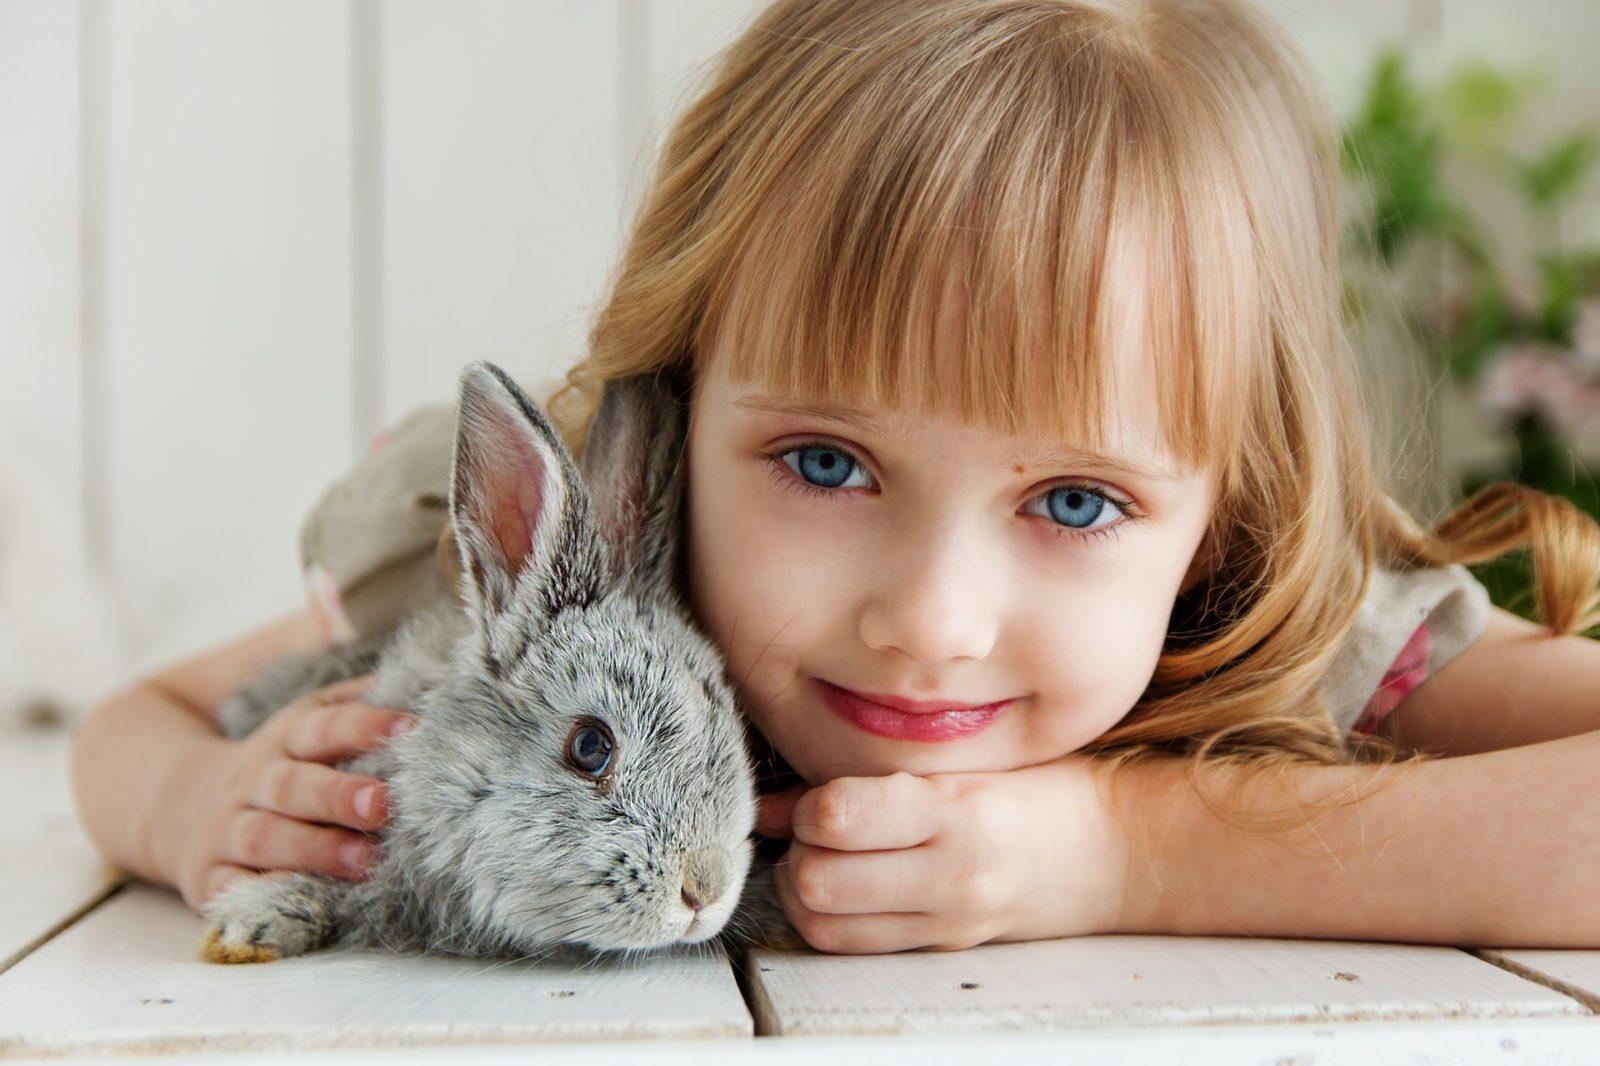 O bicho de estimação é mais comum entre famílias com crianças e pessoas sozinhas.